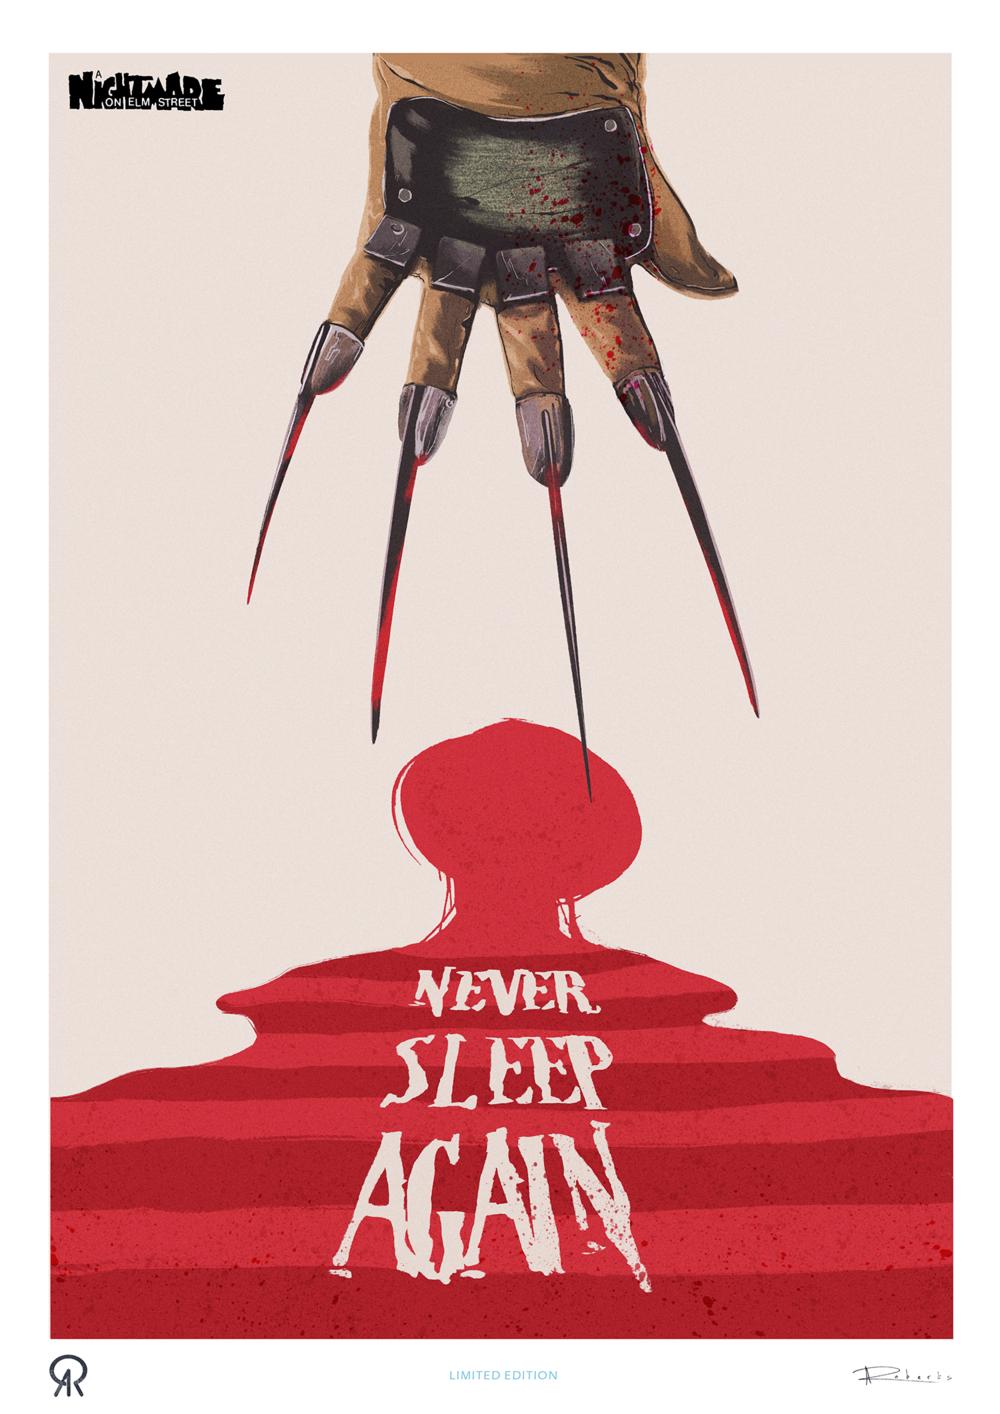 Nightmare on Elm Street - LIMITED EDITION PRINT